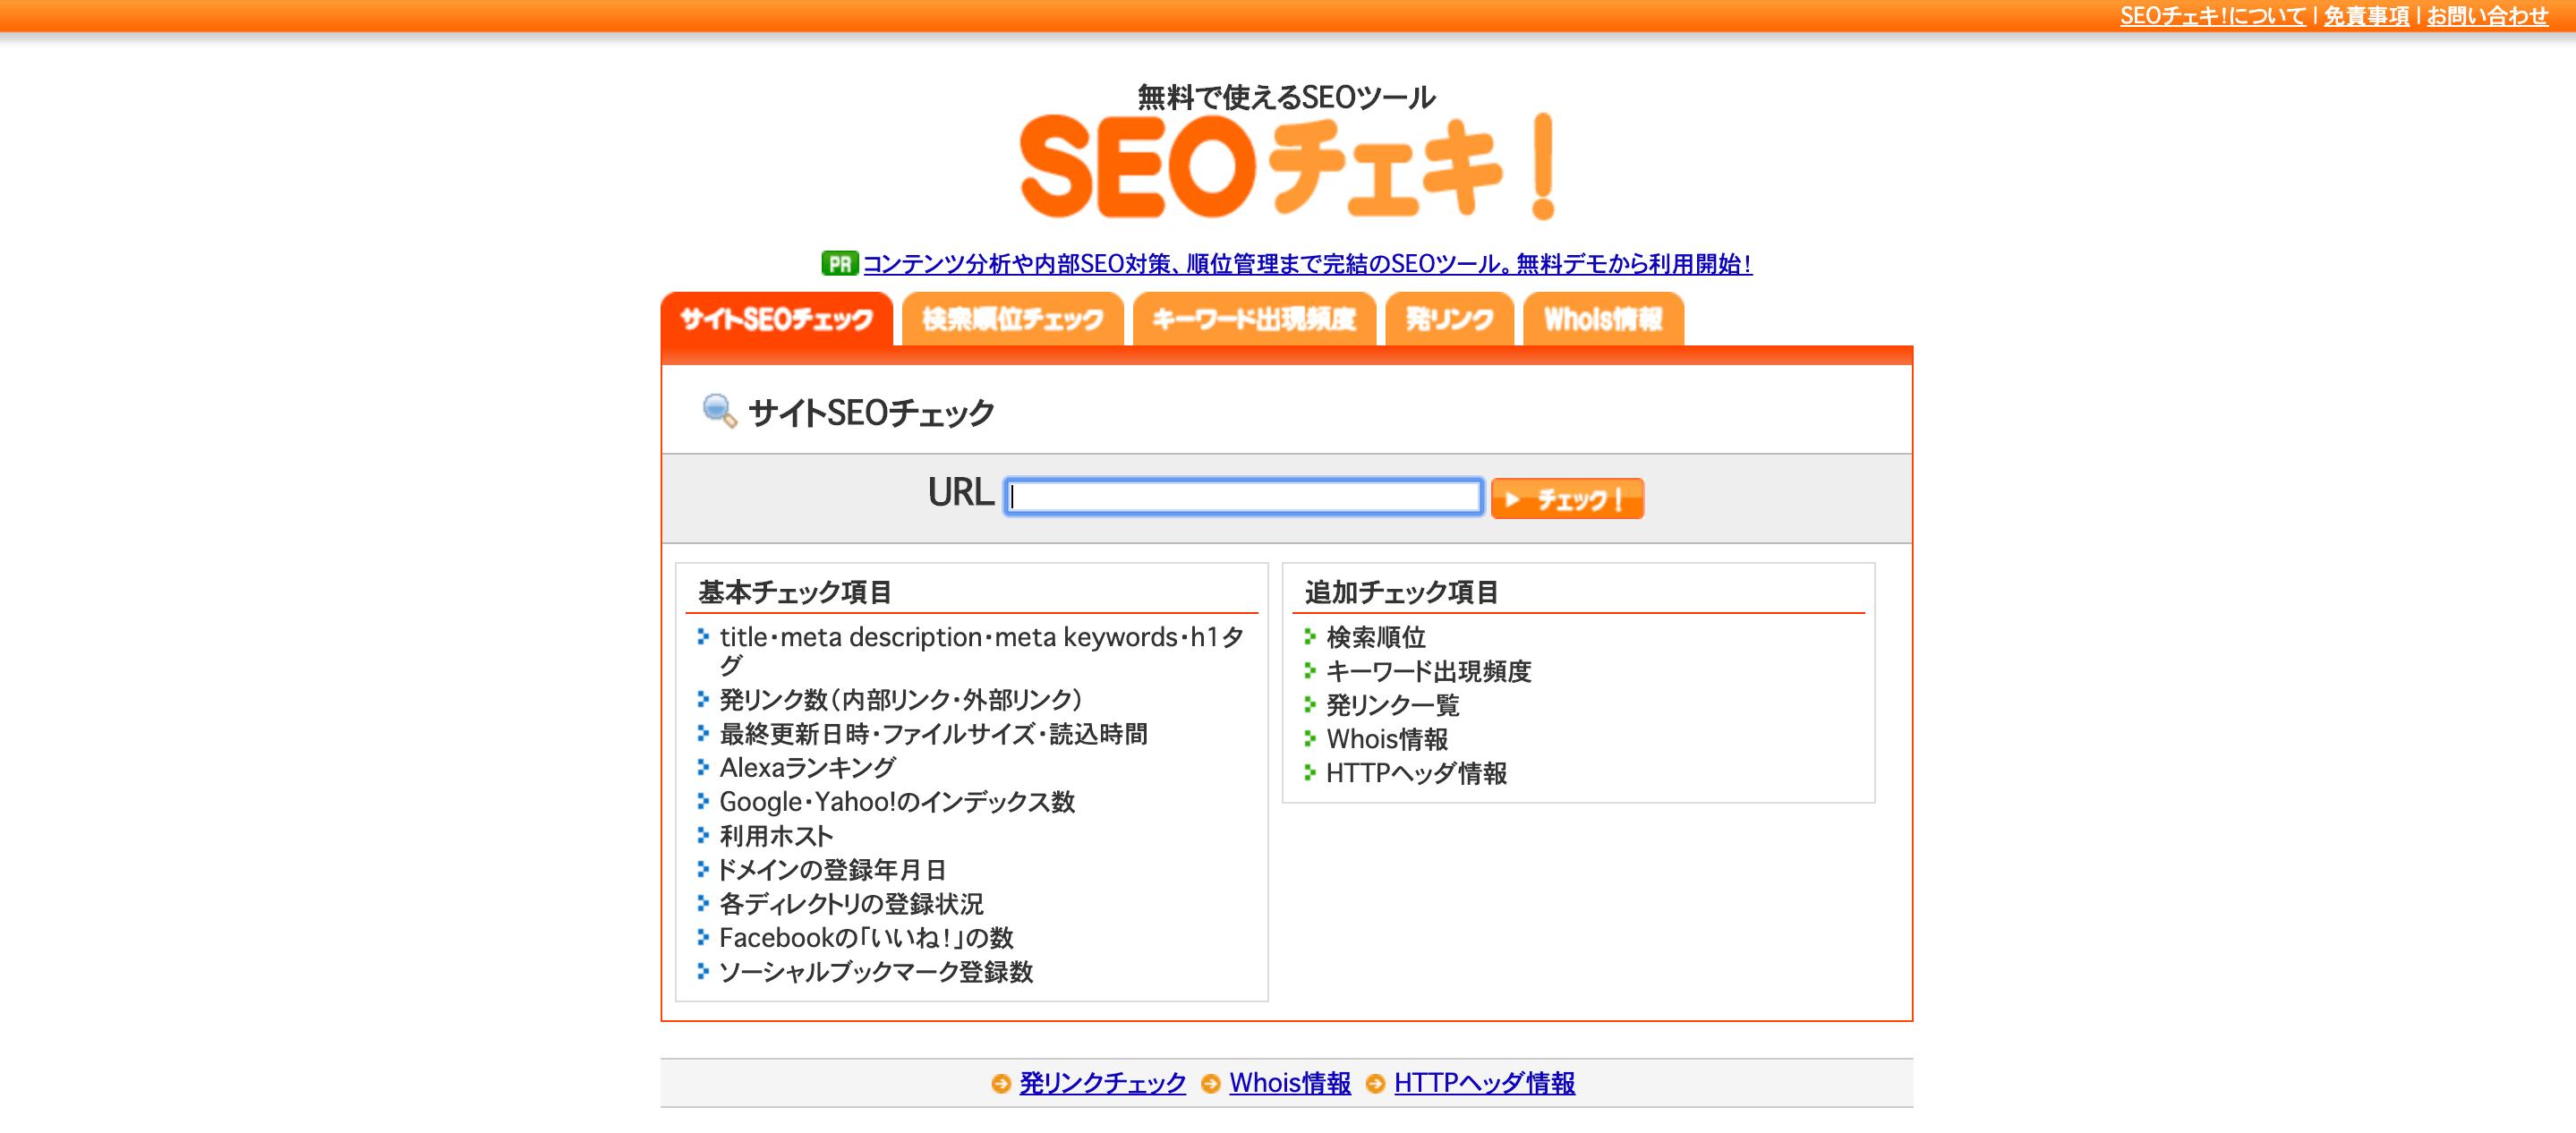 自社Webサイト解析に使えるツール「SEOチェキ!」